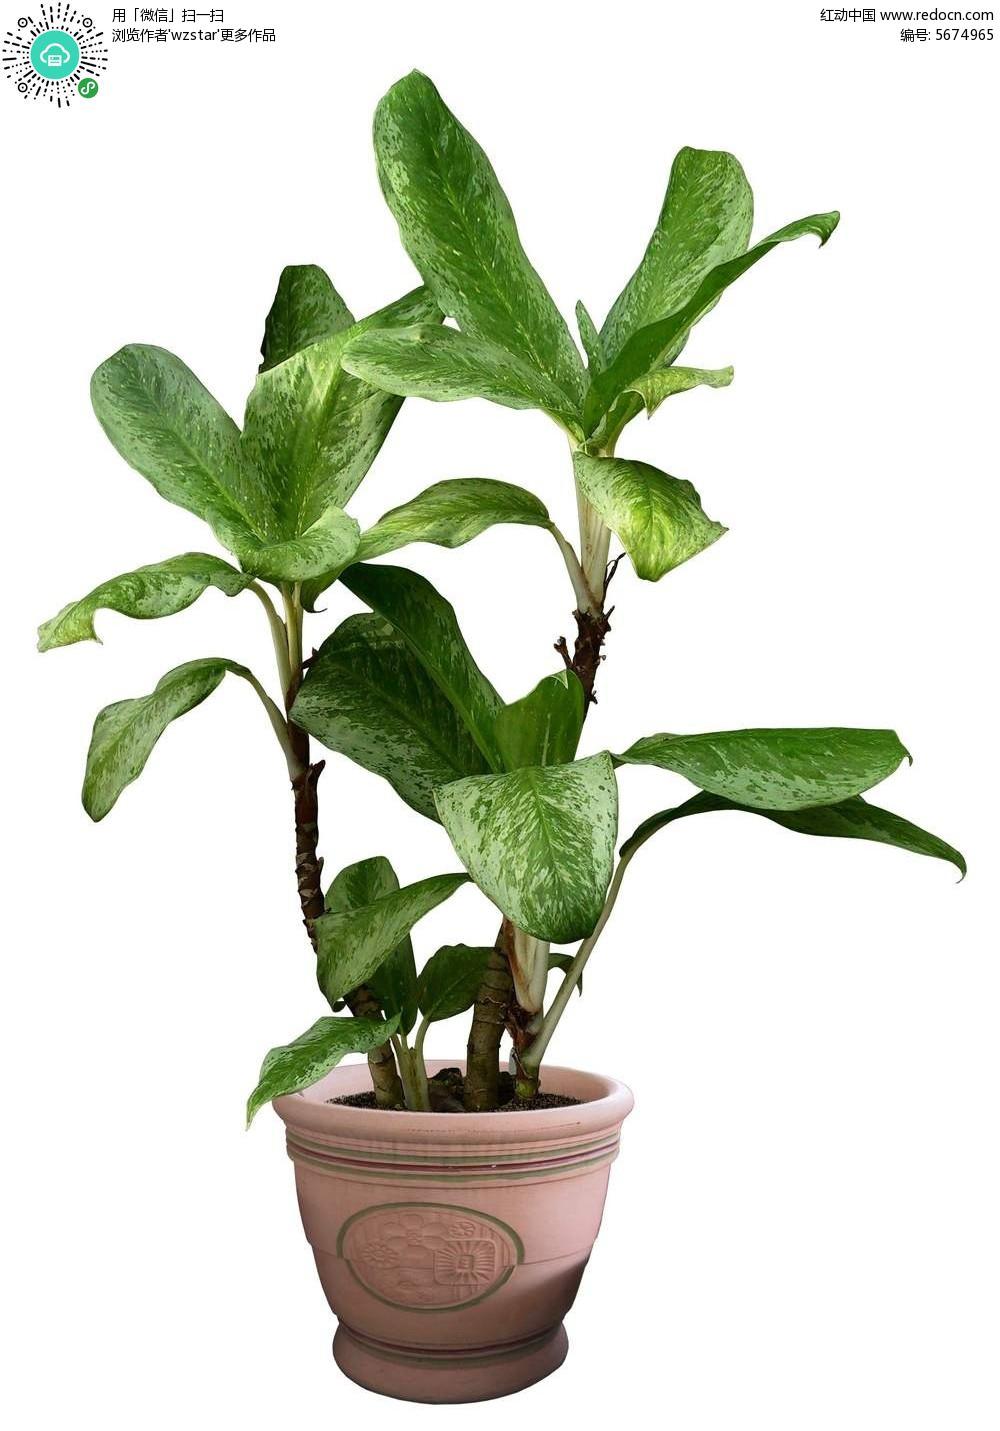 美丽 绿叶 花盆 盆栽 绿树 景观植物 盆景植物 psd分层素材  花草